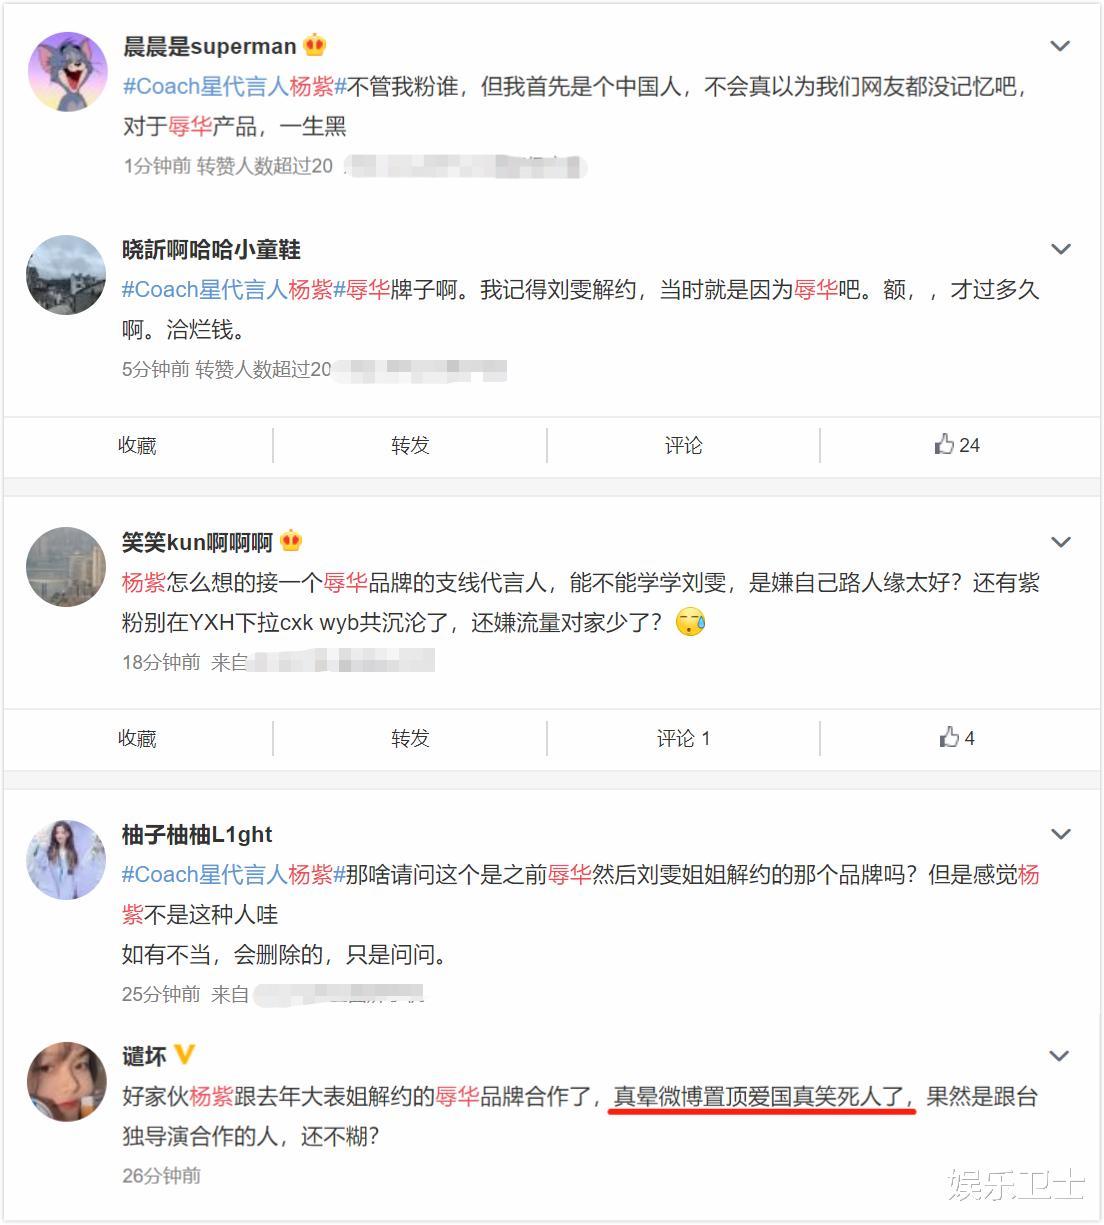 楊紫代言引爭議後疑發聲回應,營銷號臨時反水爆料,王一博蔡徐坤被拉下水-圖6